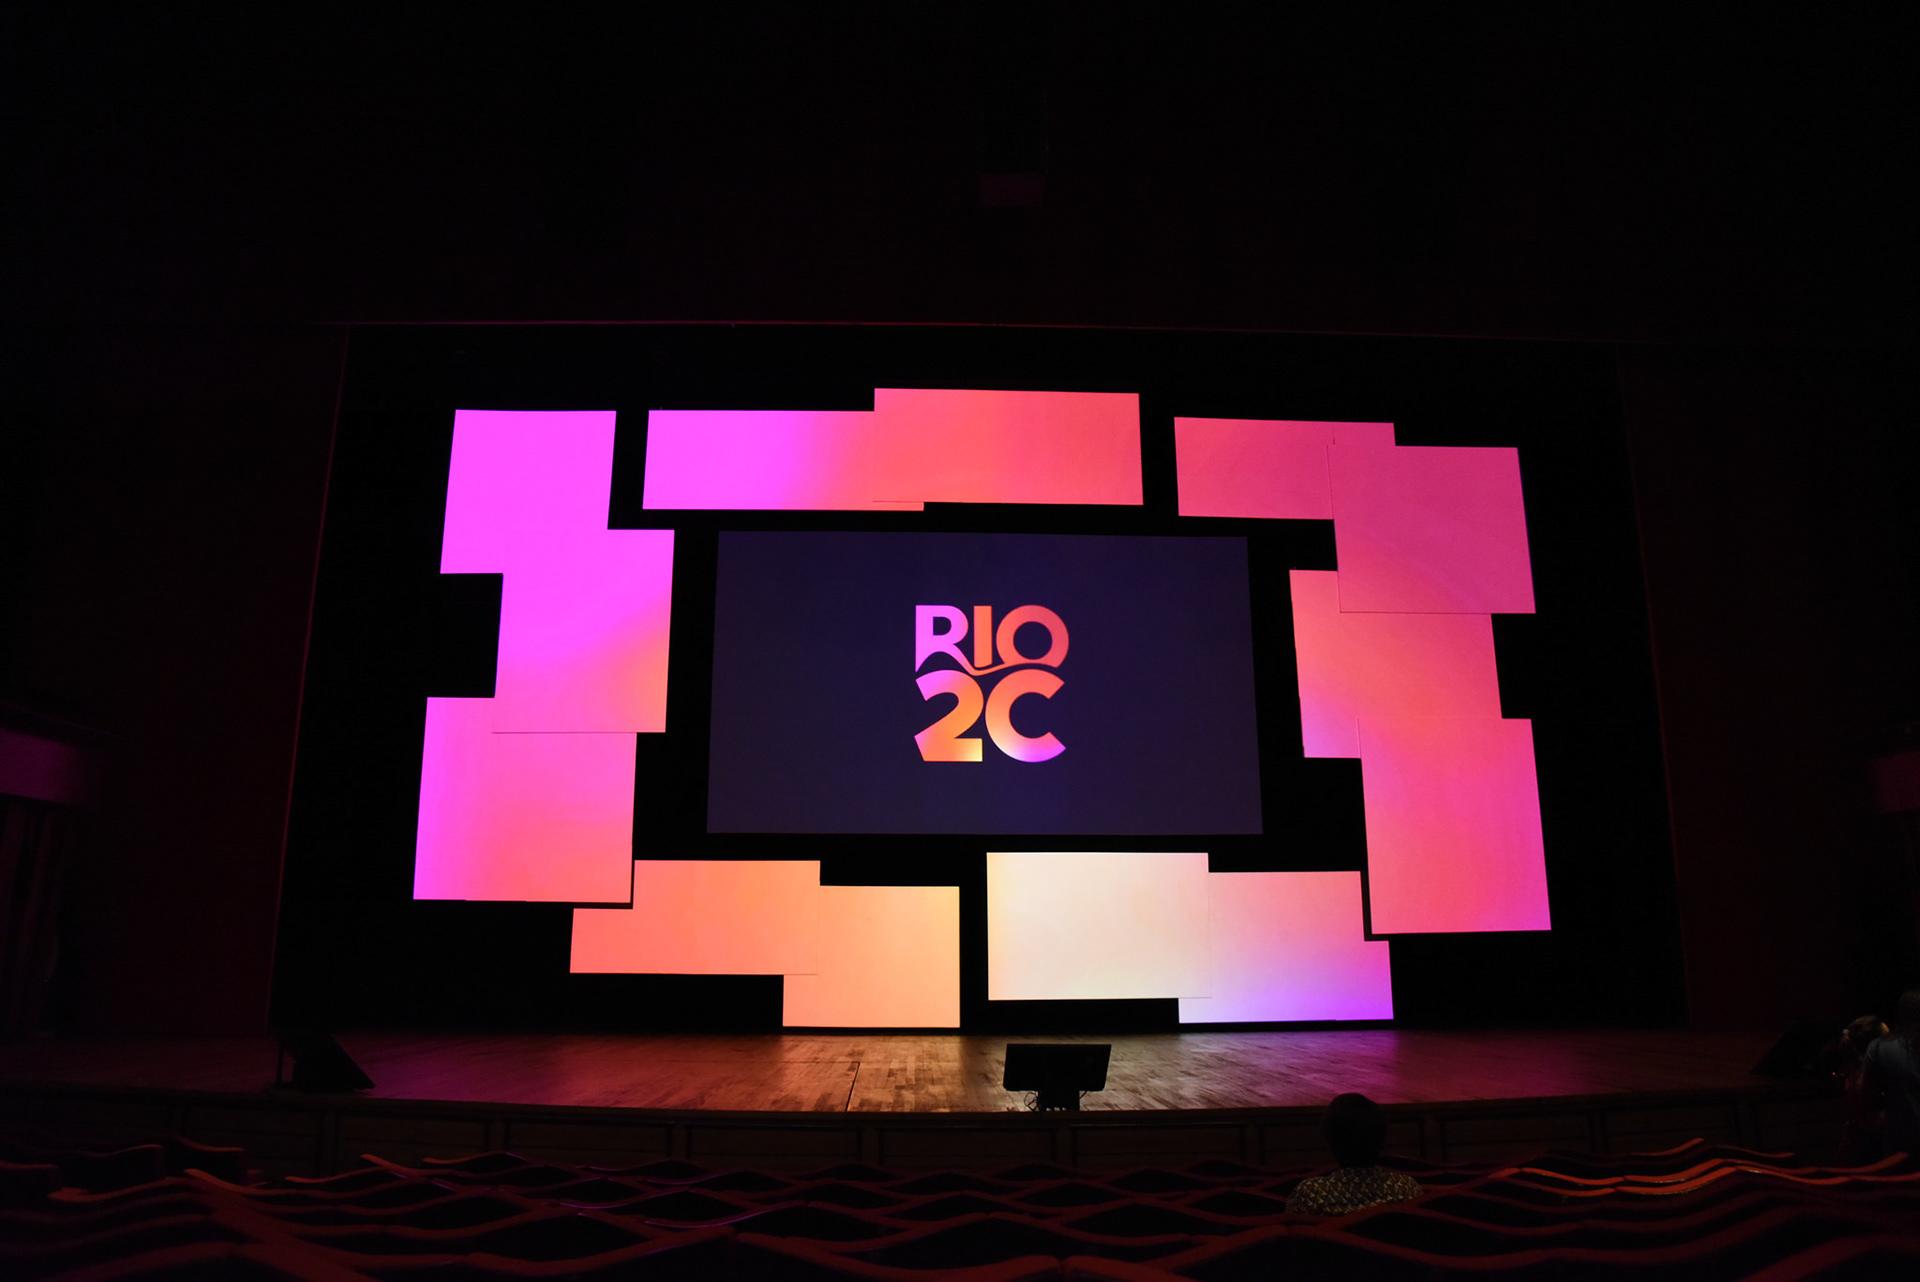 Academia Internacional de Cinema no Rio2C 2019